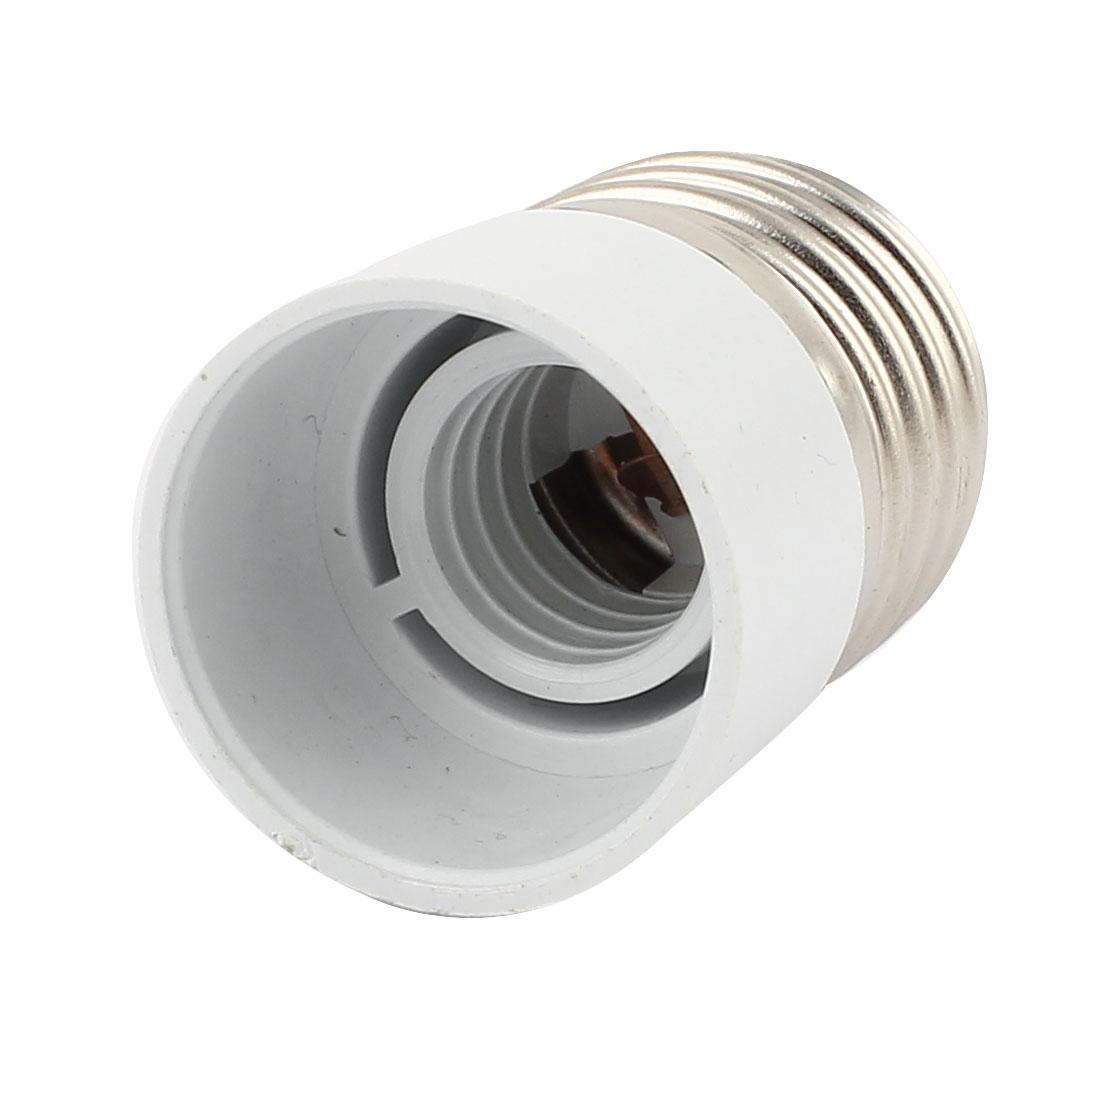 E27 to E14 Bulb Base Holders Light Screw Lamp Socket Converter AC 110V-220V